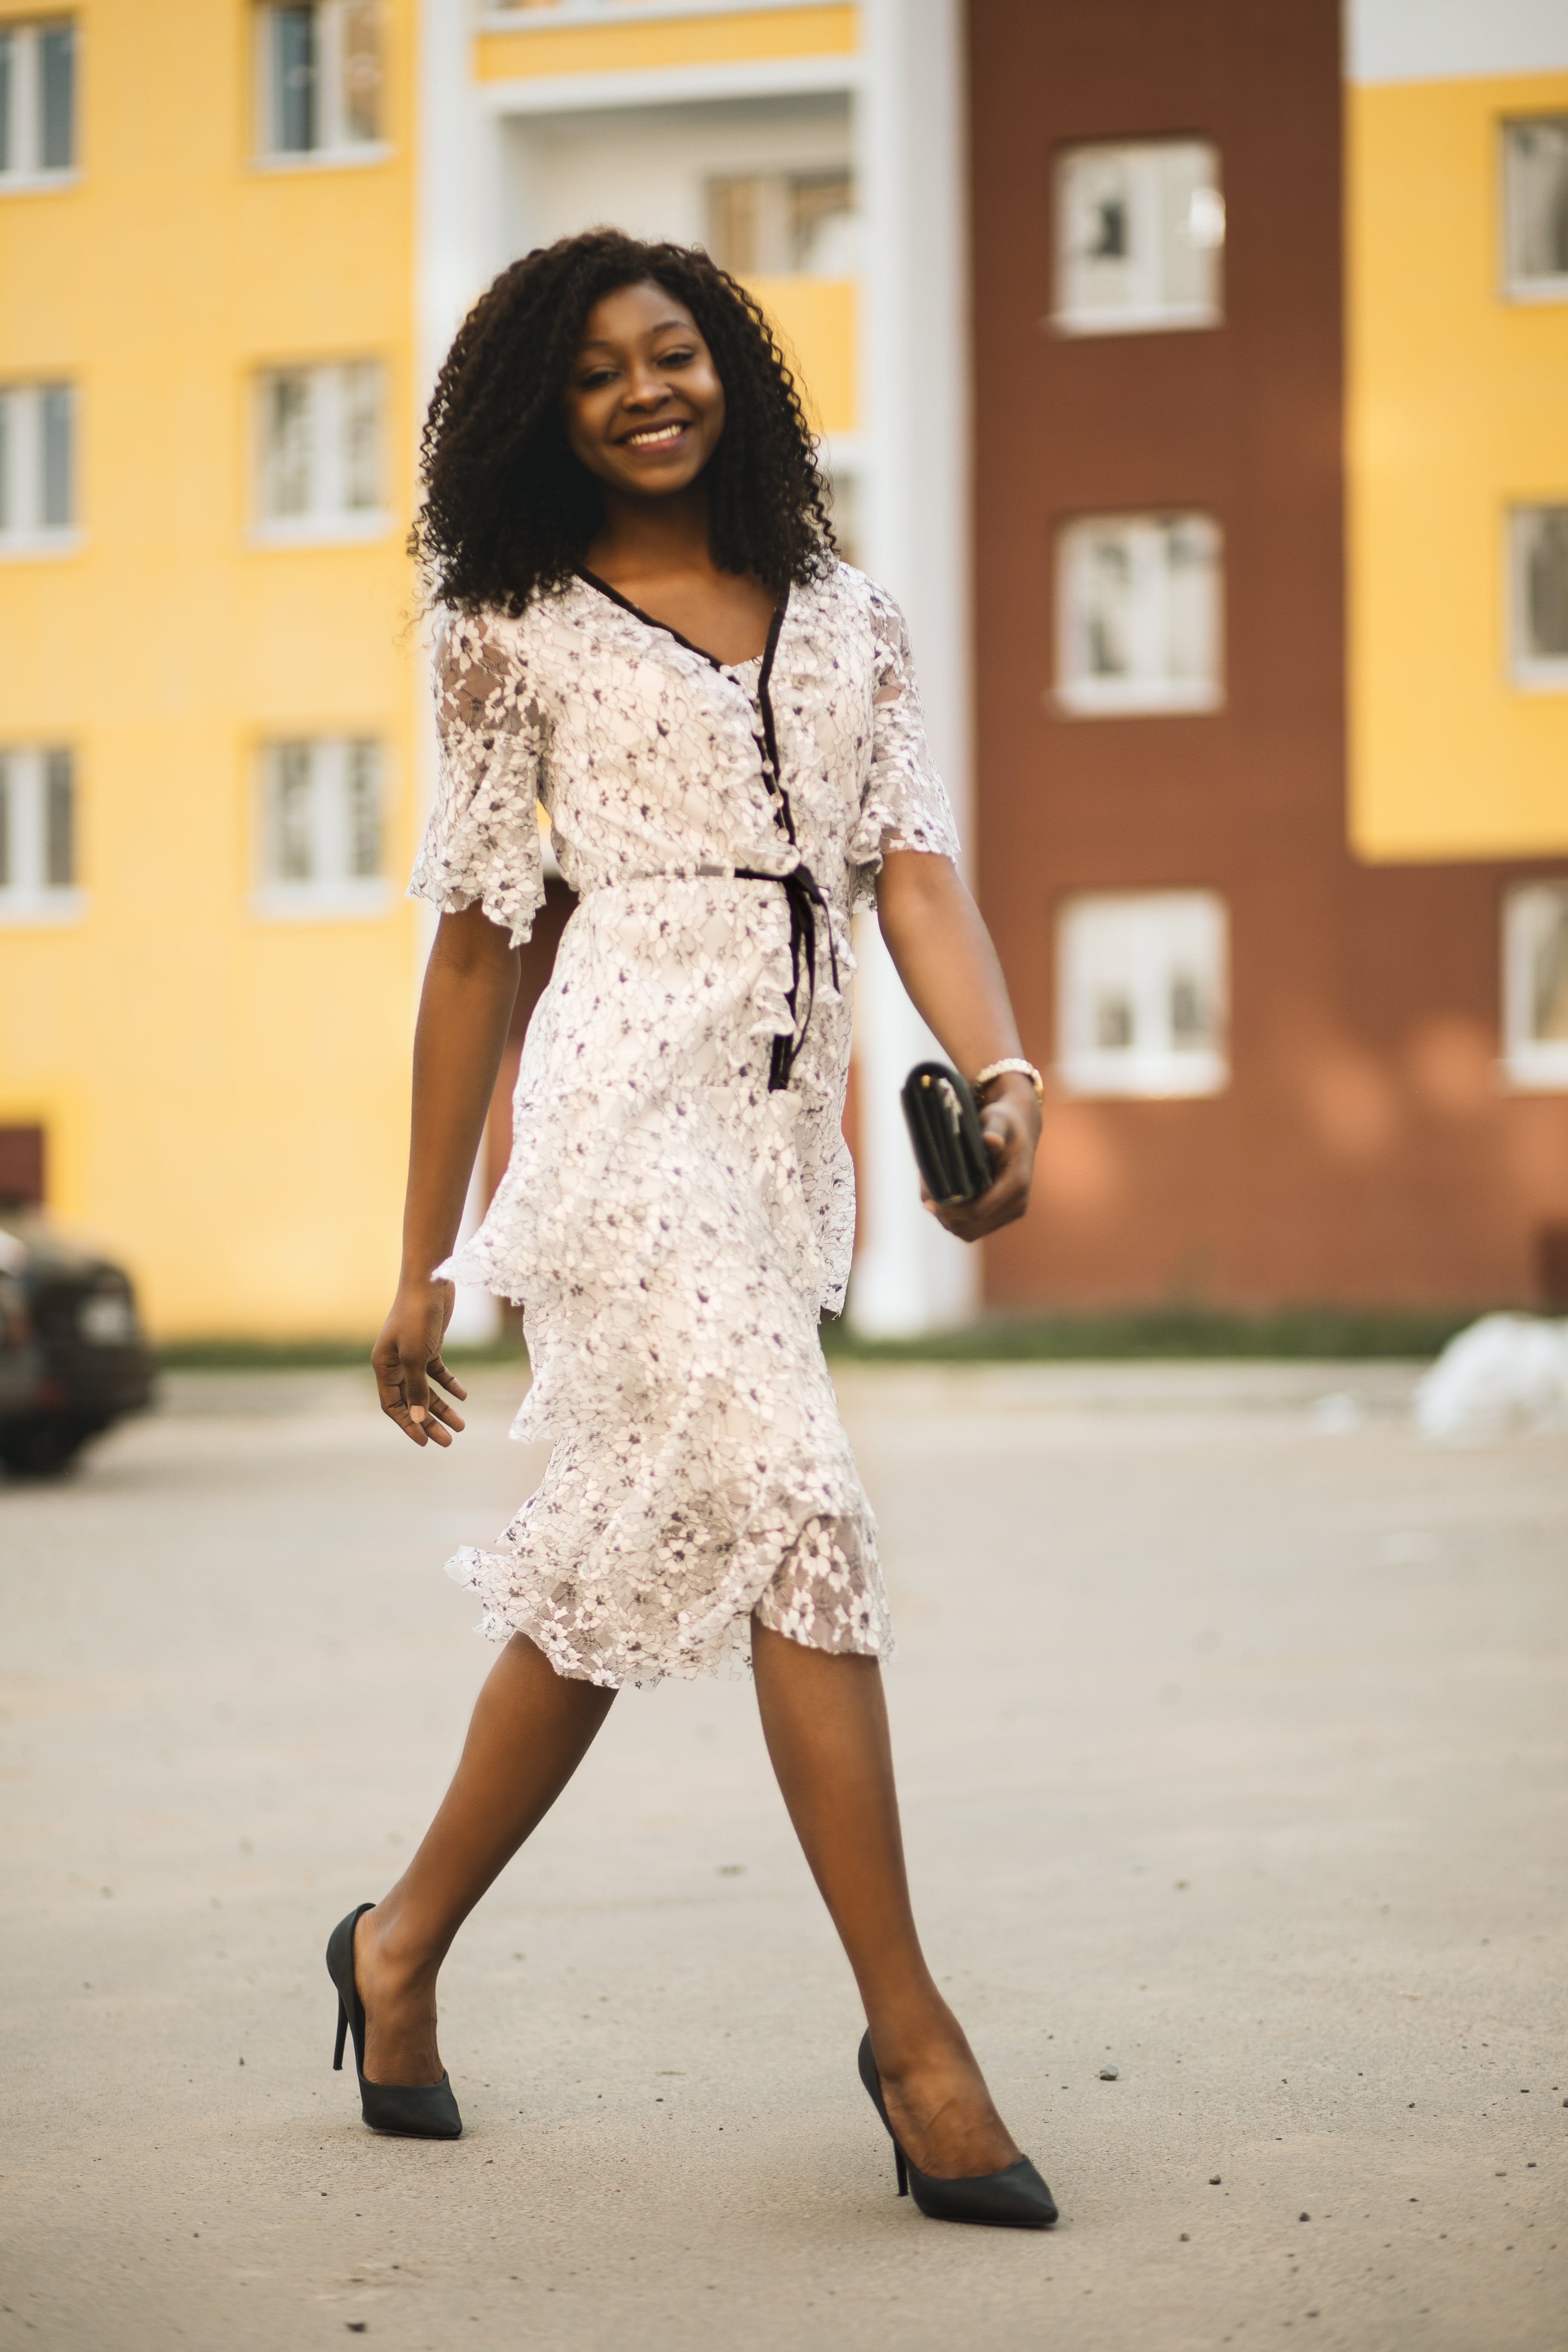 Smiling Woman Wearing White Dress